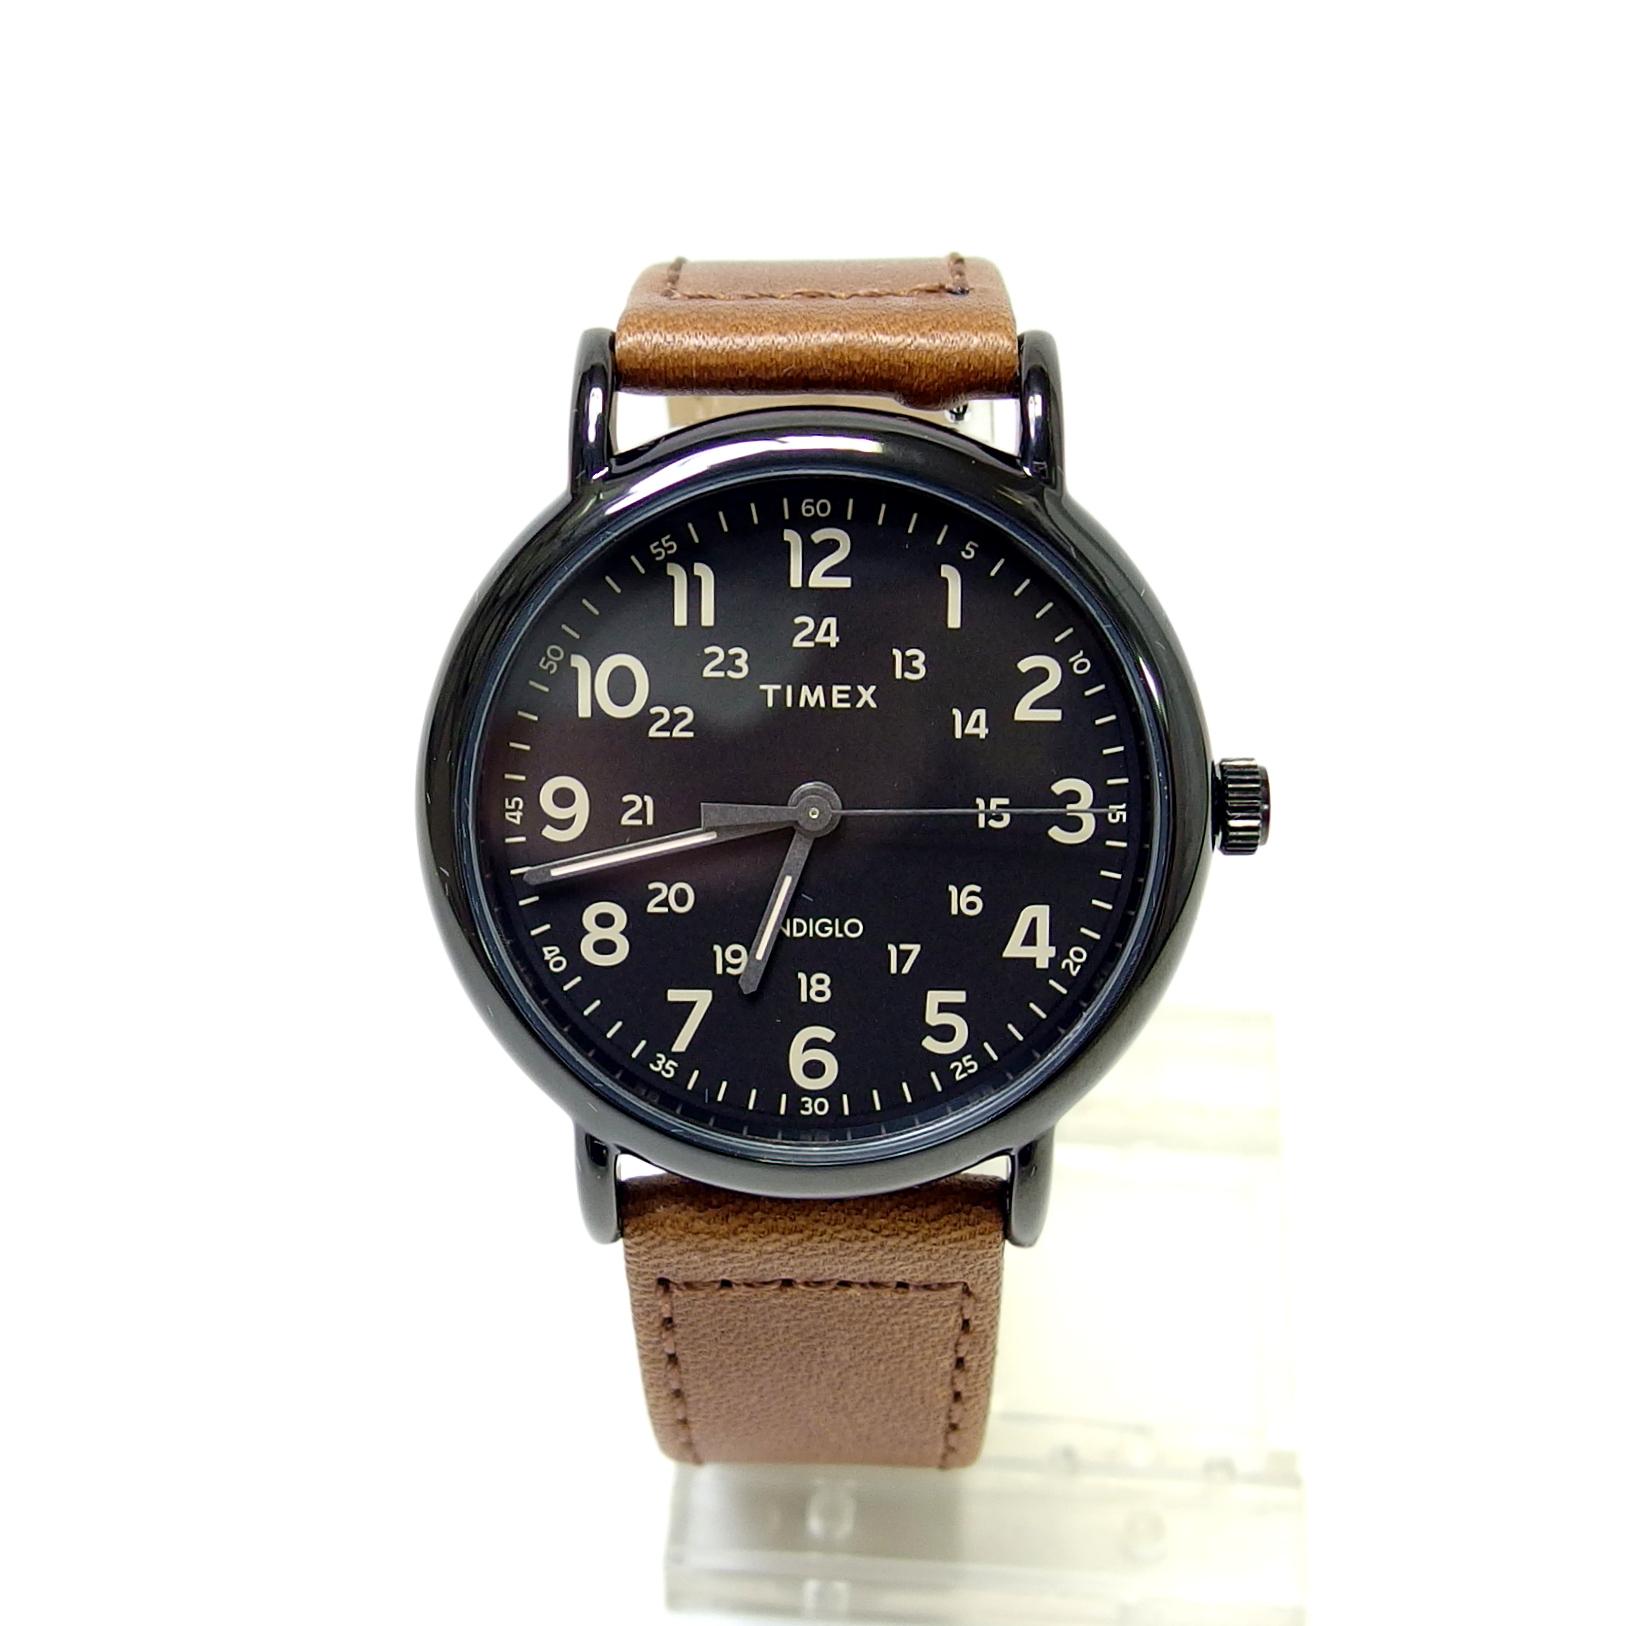 【TIMEX】ウィークエンダー (ブラック×ブラウン)TW2T30500